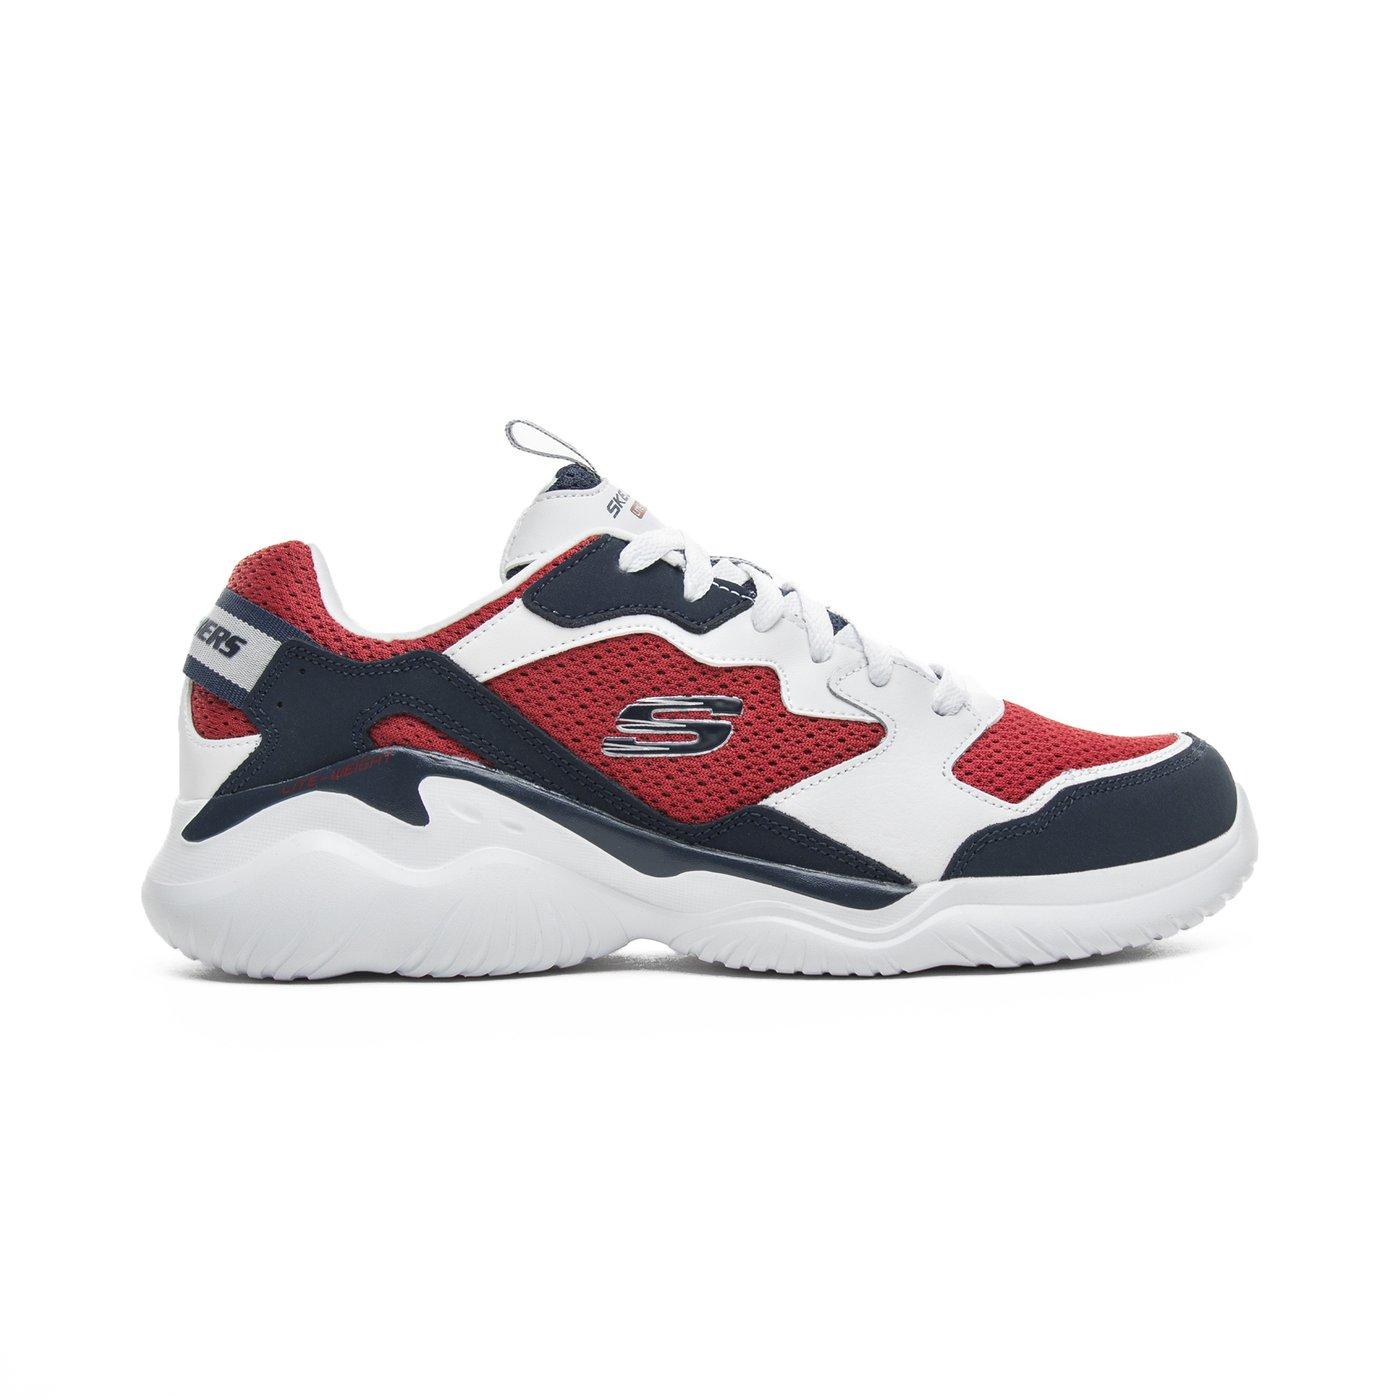 Skechers Falcore Erkek Kırmızı-Beyaz Spor Ayakkabı